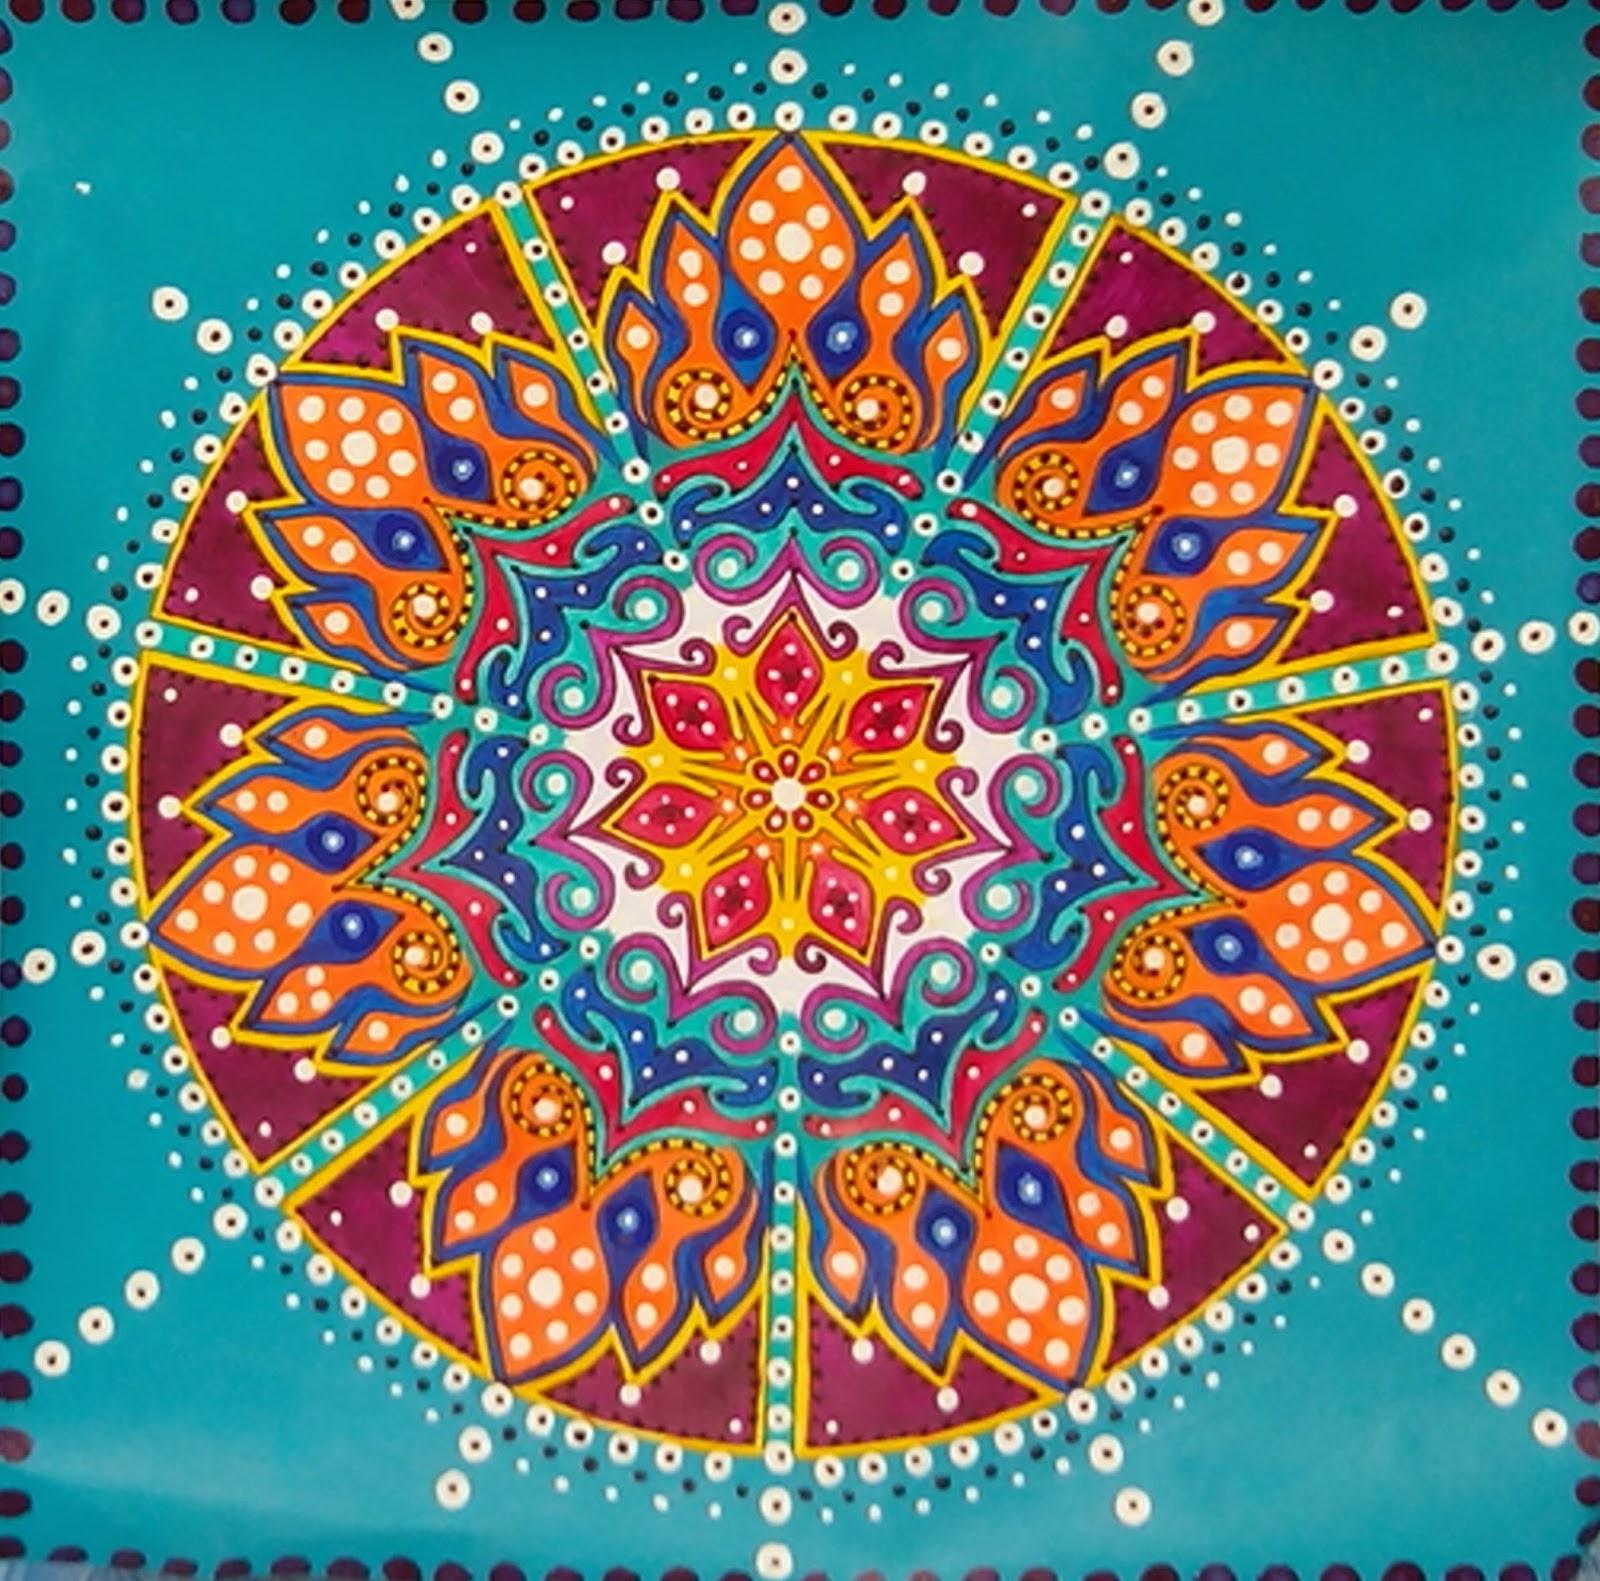 mandala couleurs méditation instant précieux Anne Jacquemin Uzes exposition art in uzes actualités